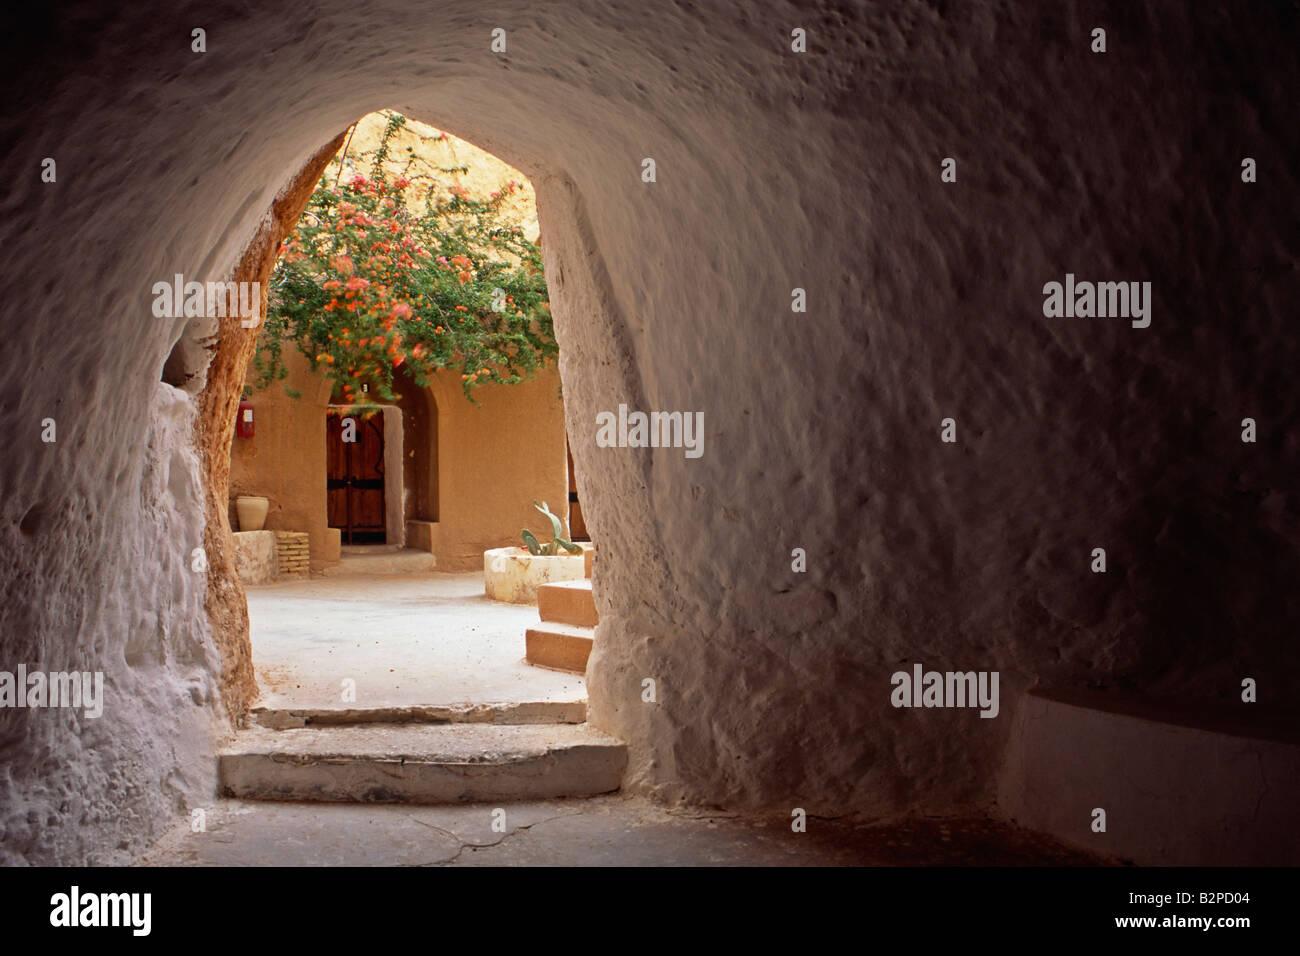 Intérieur de la grotte hôtel à Matmata en Tunisie. L'hôtel a été utilisé Photo Stock